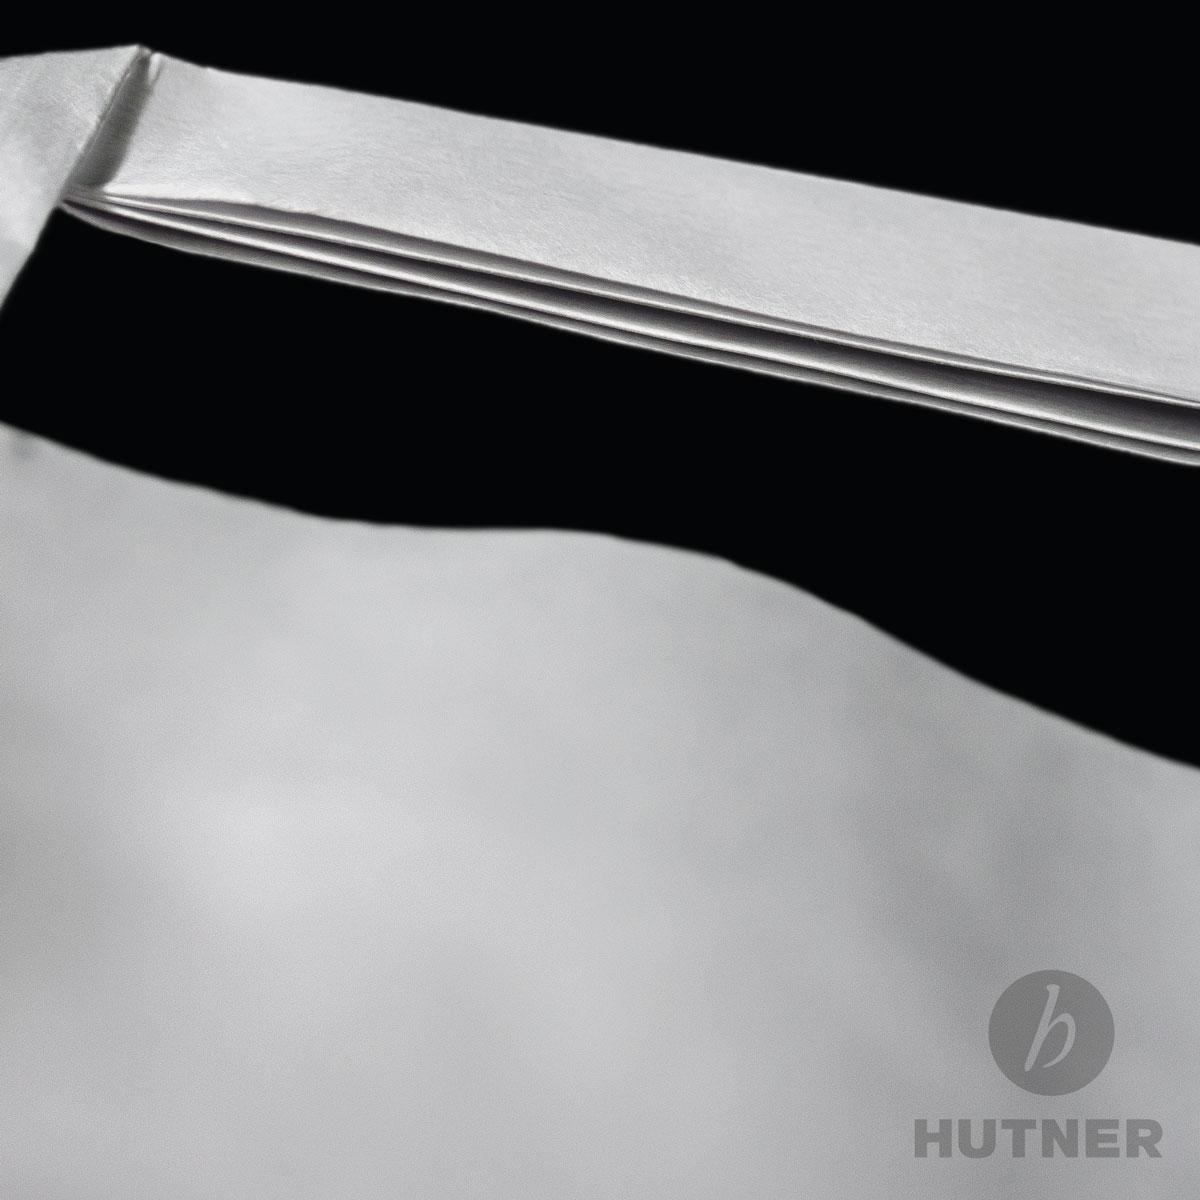 HUTNER   Papiertüten 22x10x36 weiss Papiertragetaschen Flachhenkel ...